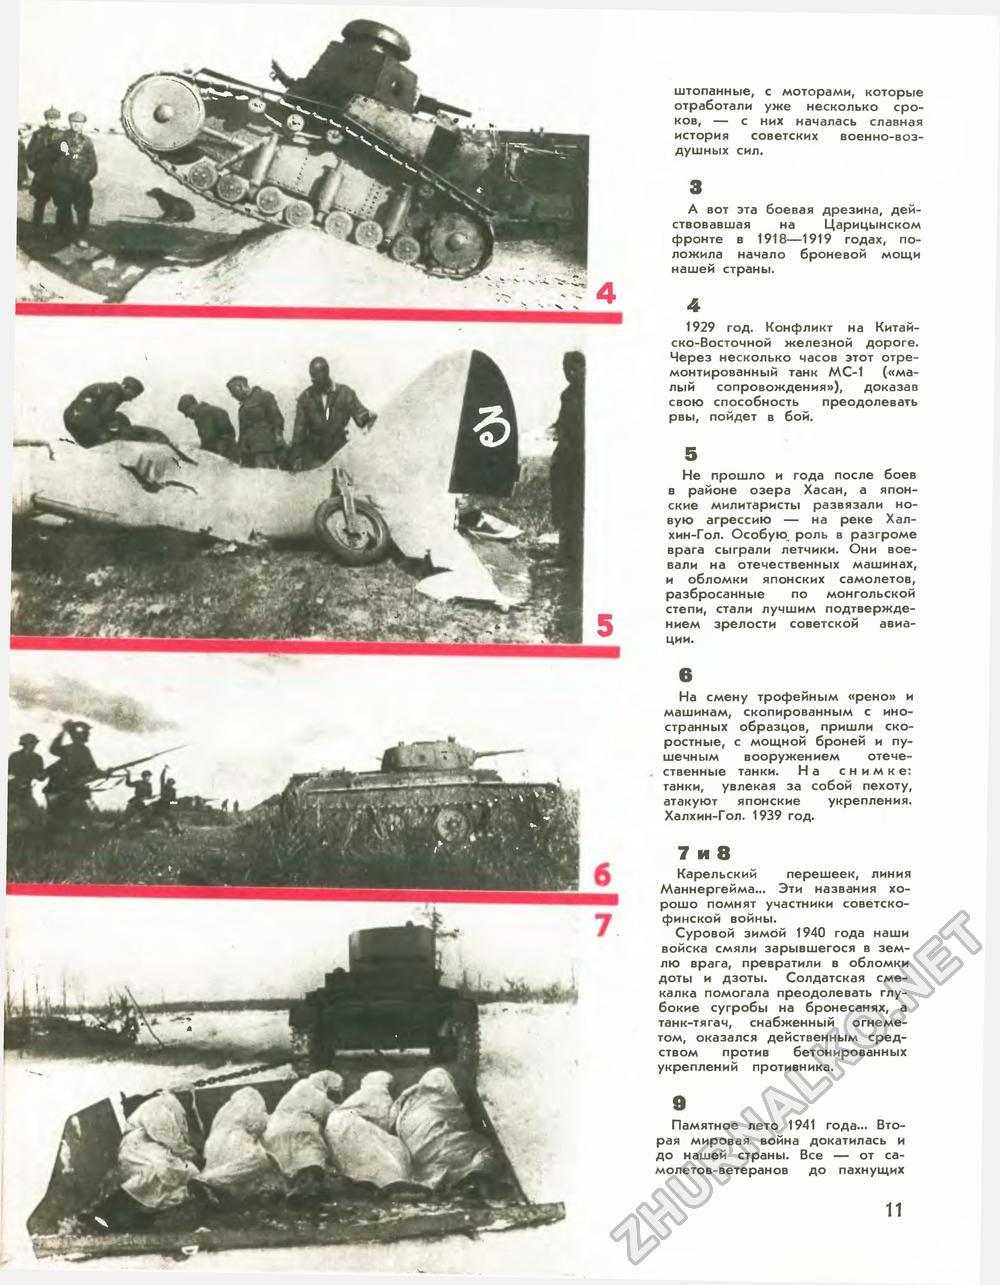 boi-na-halhin-gole-1939